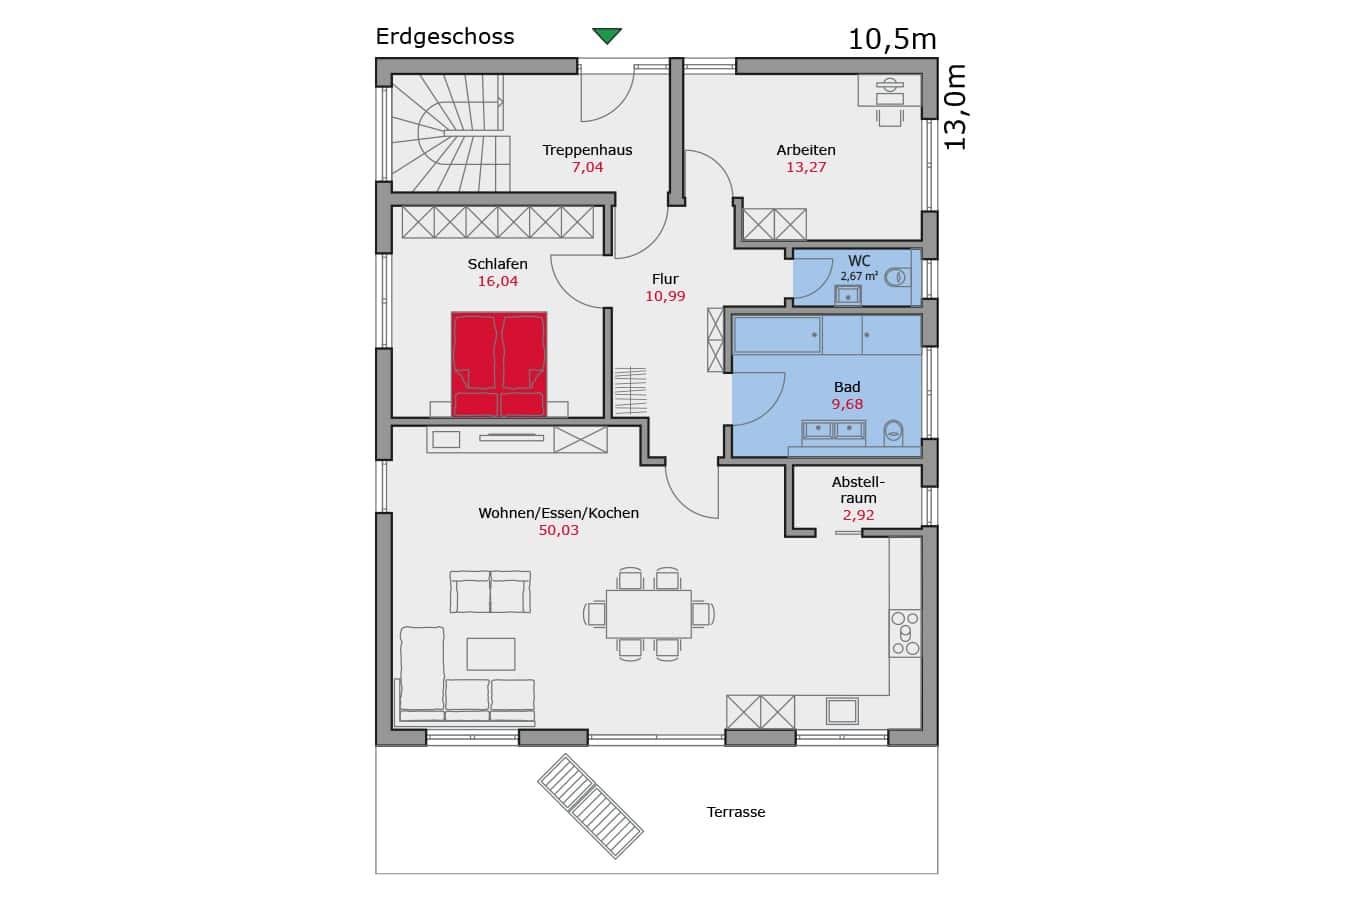 Haus133_Grundriss_Erdgeschoss_Zweifamilienhaus